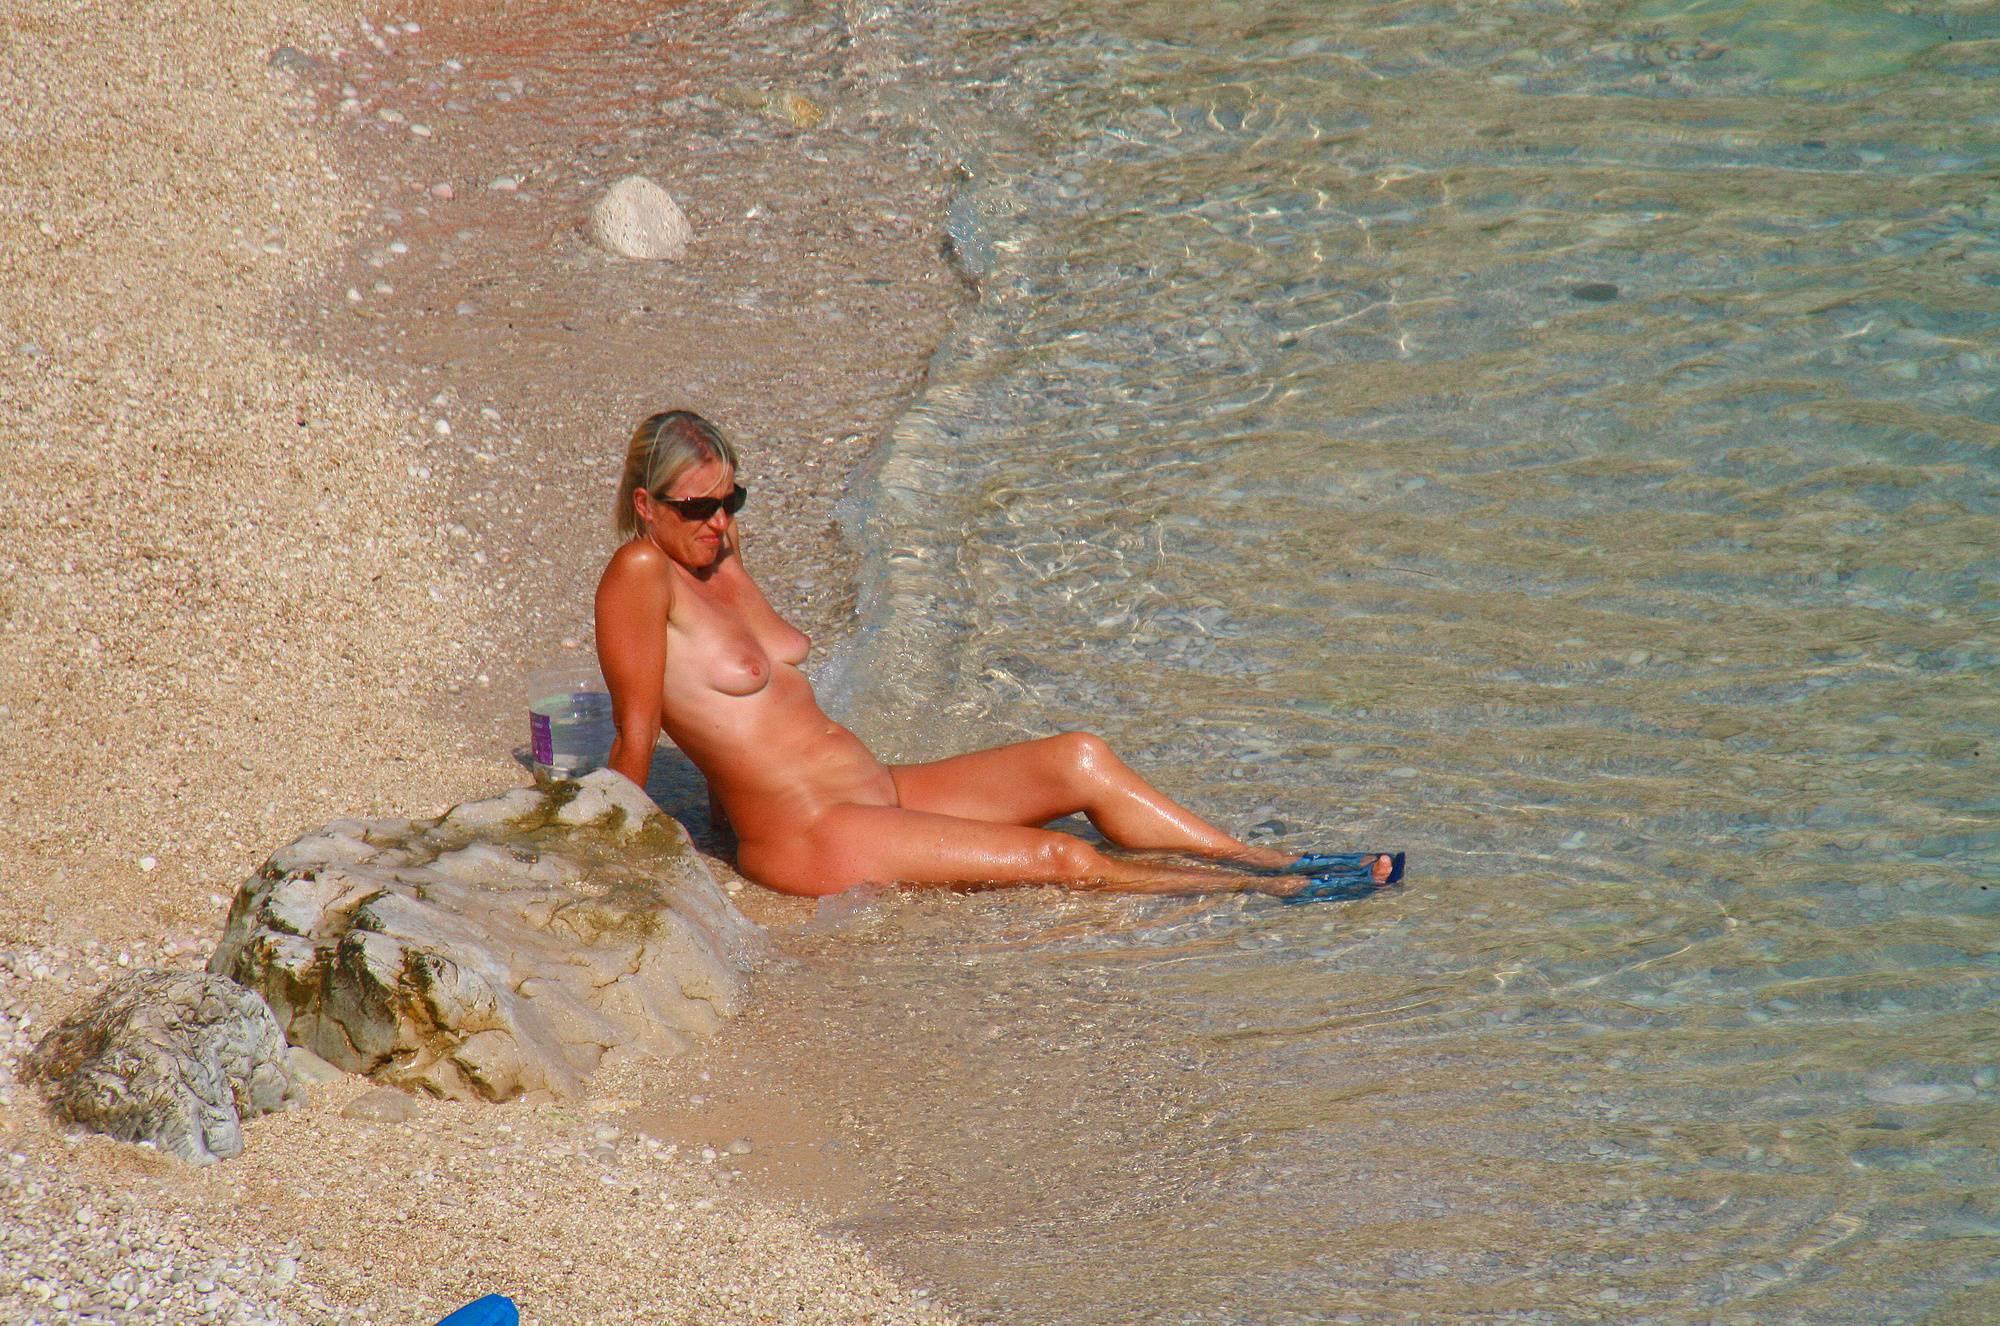 Ula FKK Beach-Front Shore - 2